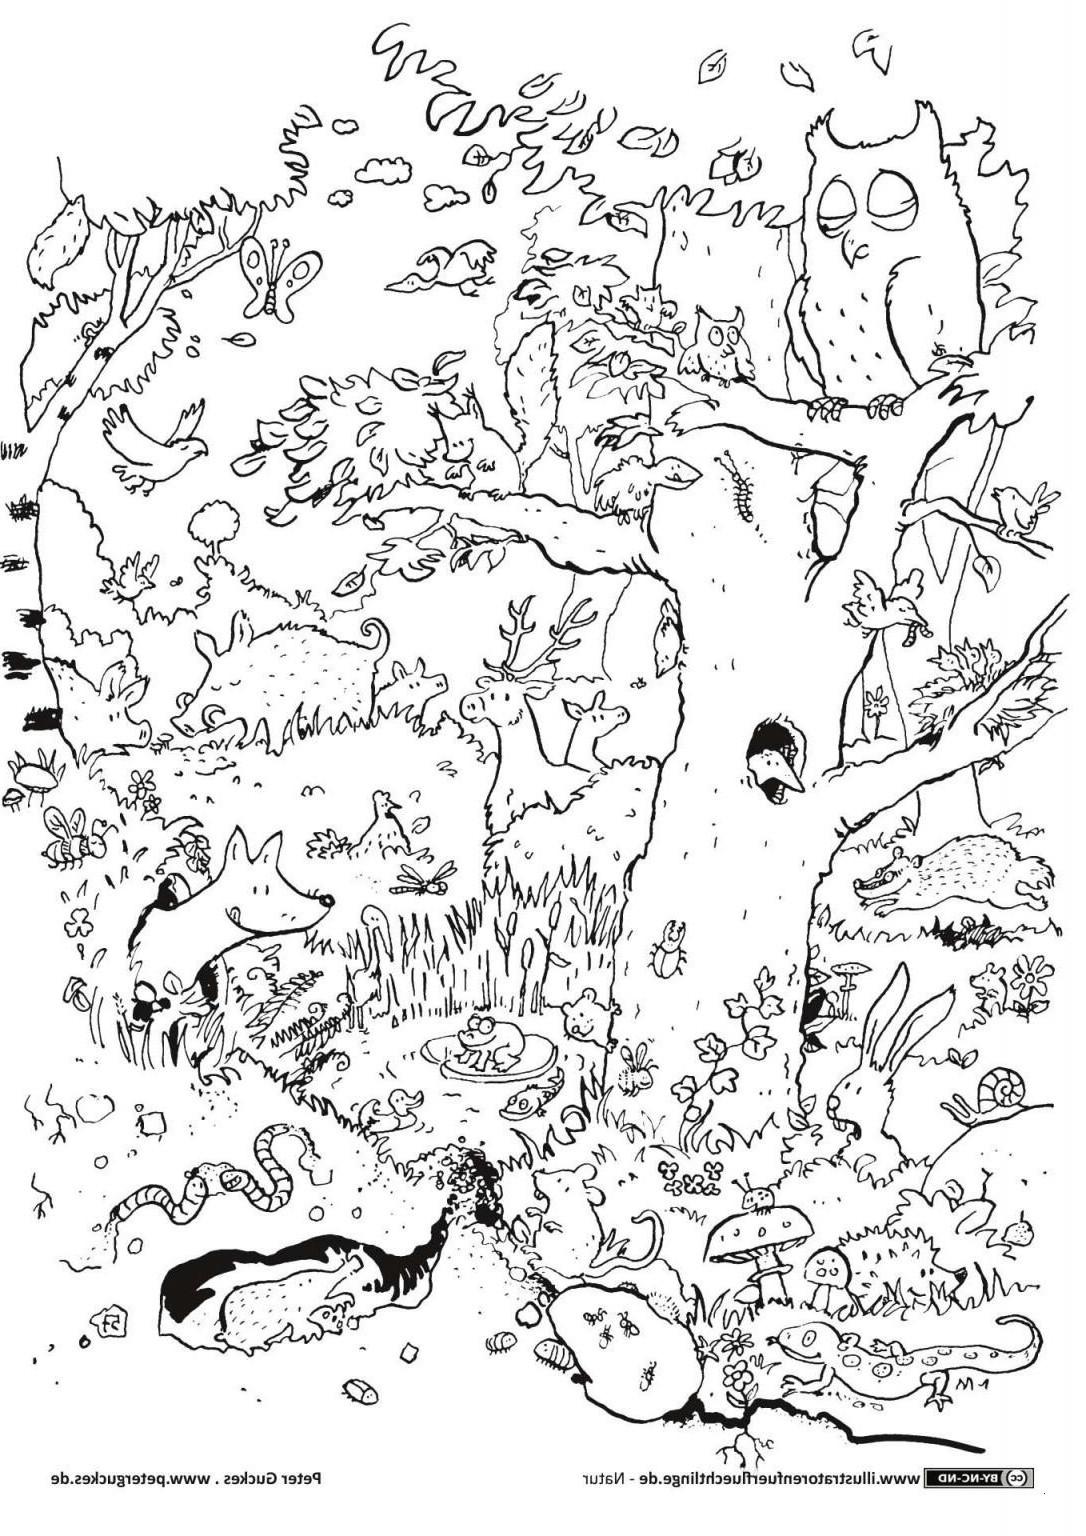 Ninjago Pythor Ausmalbilder Einzigartig 26 Fantastisch Ninjago Pythor Ausmalbilder – Malvorlagen Ideen Galerie